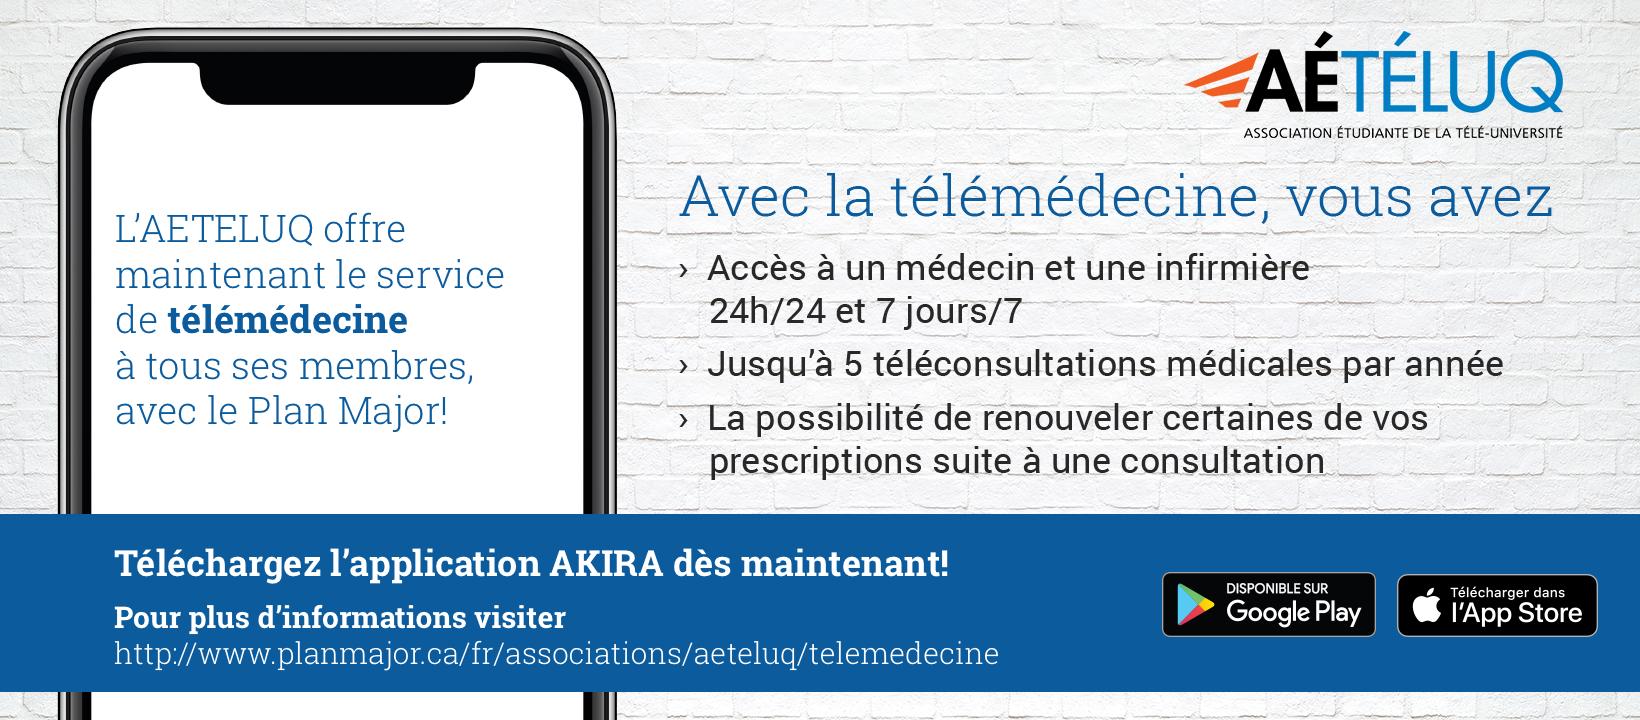 Service de télémédecine de l'AÉTÉLUQ